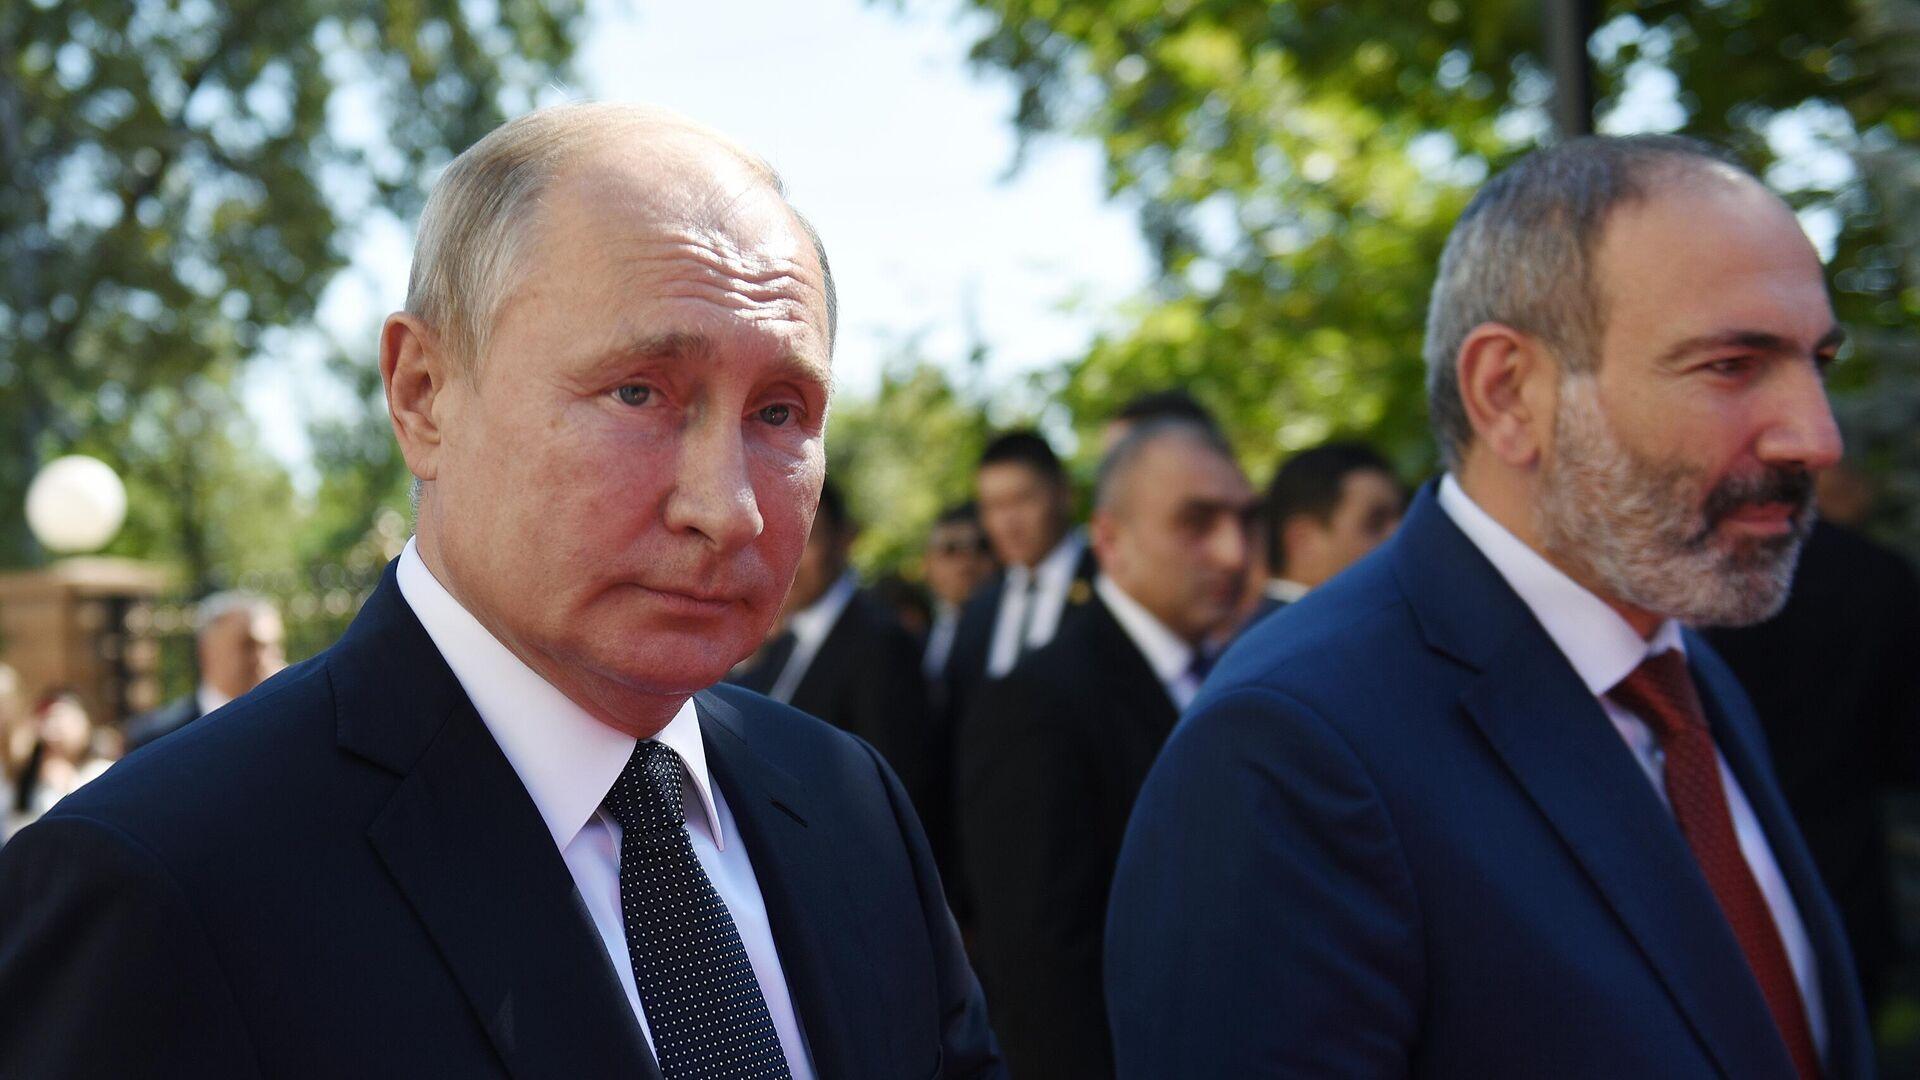 Президент России Владимир Путин и премьер-министр Армении Армении Никол Пашинян в Ереване. 1 октября 2019 - РИА Новости, 1920, 29.09.2020